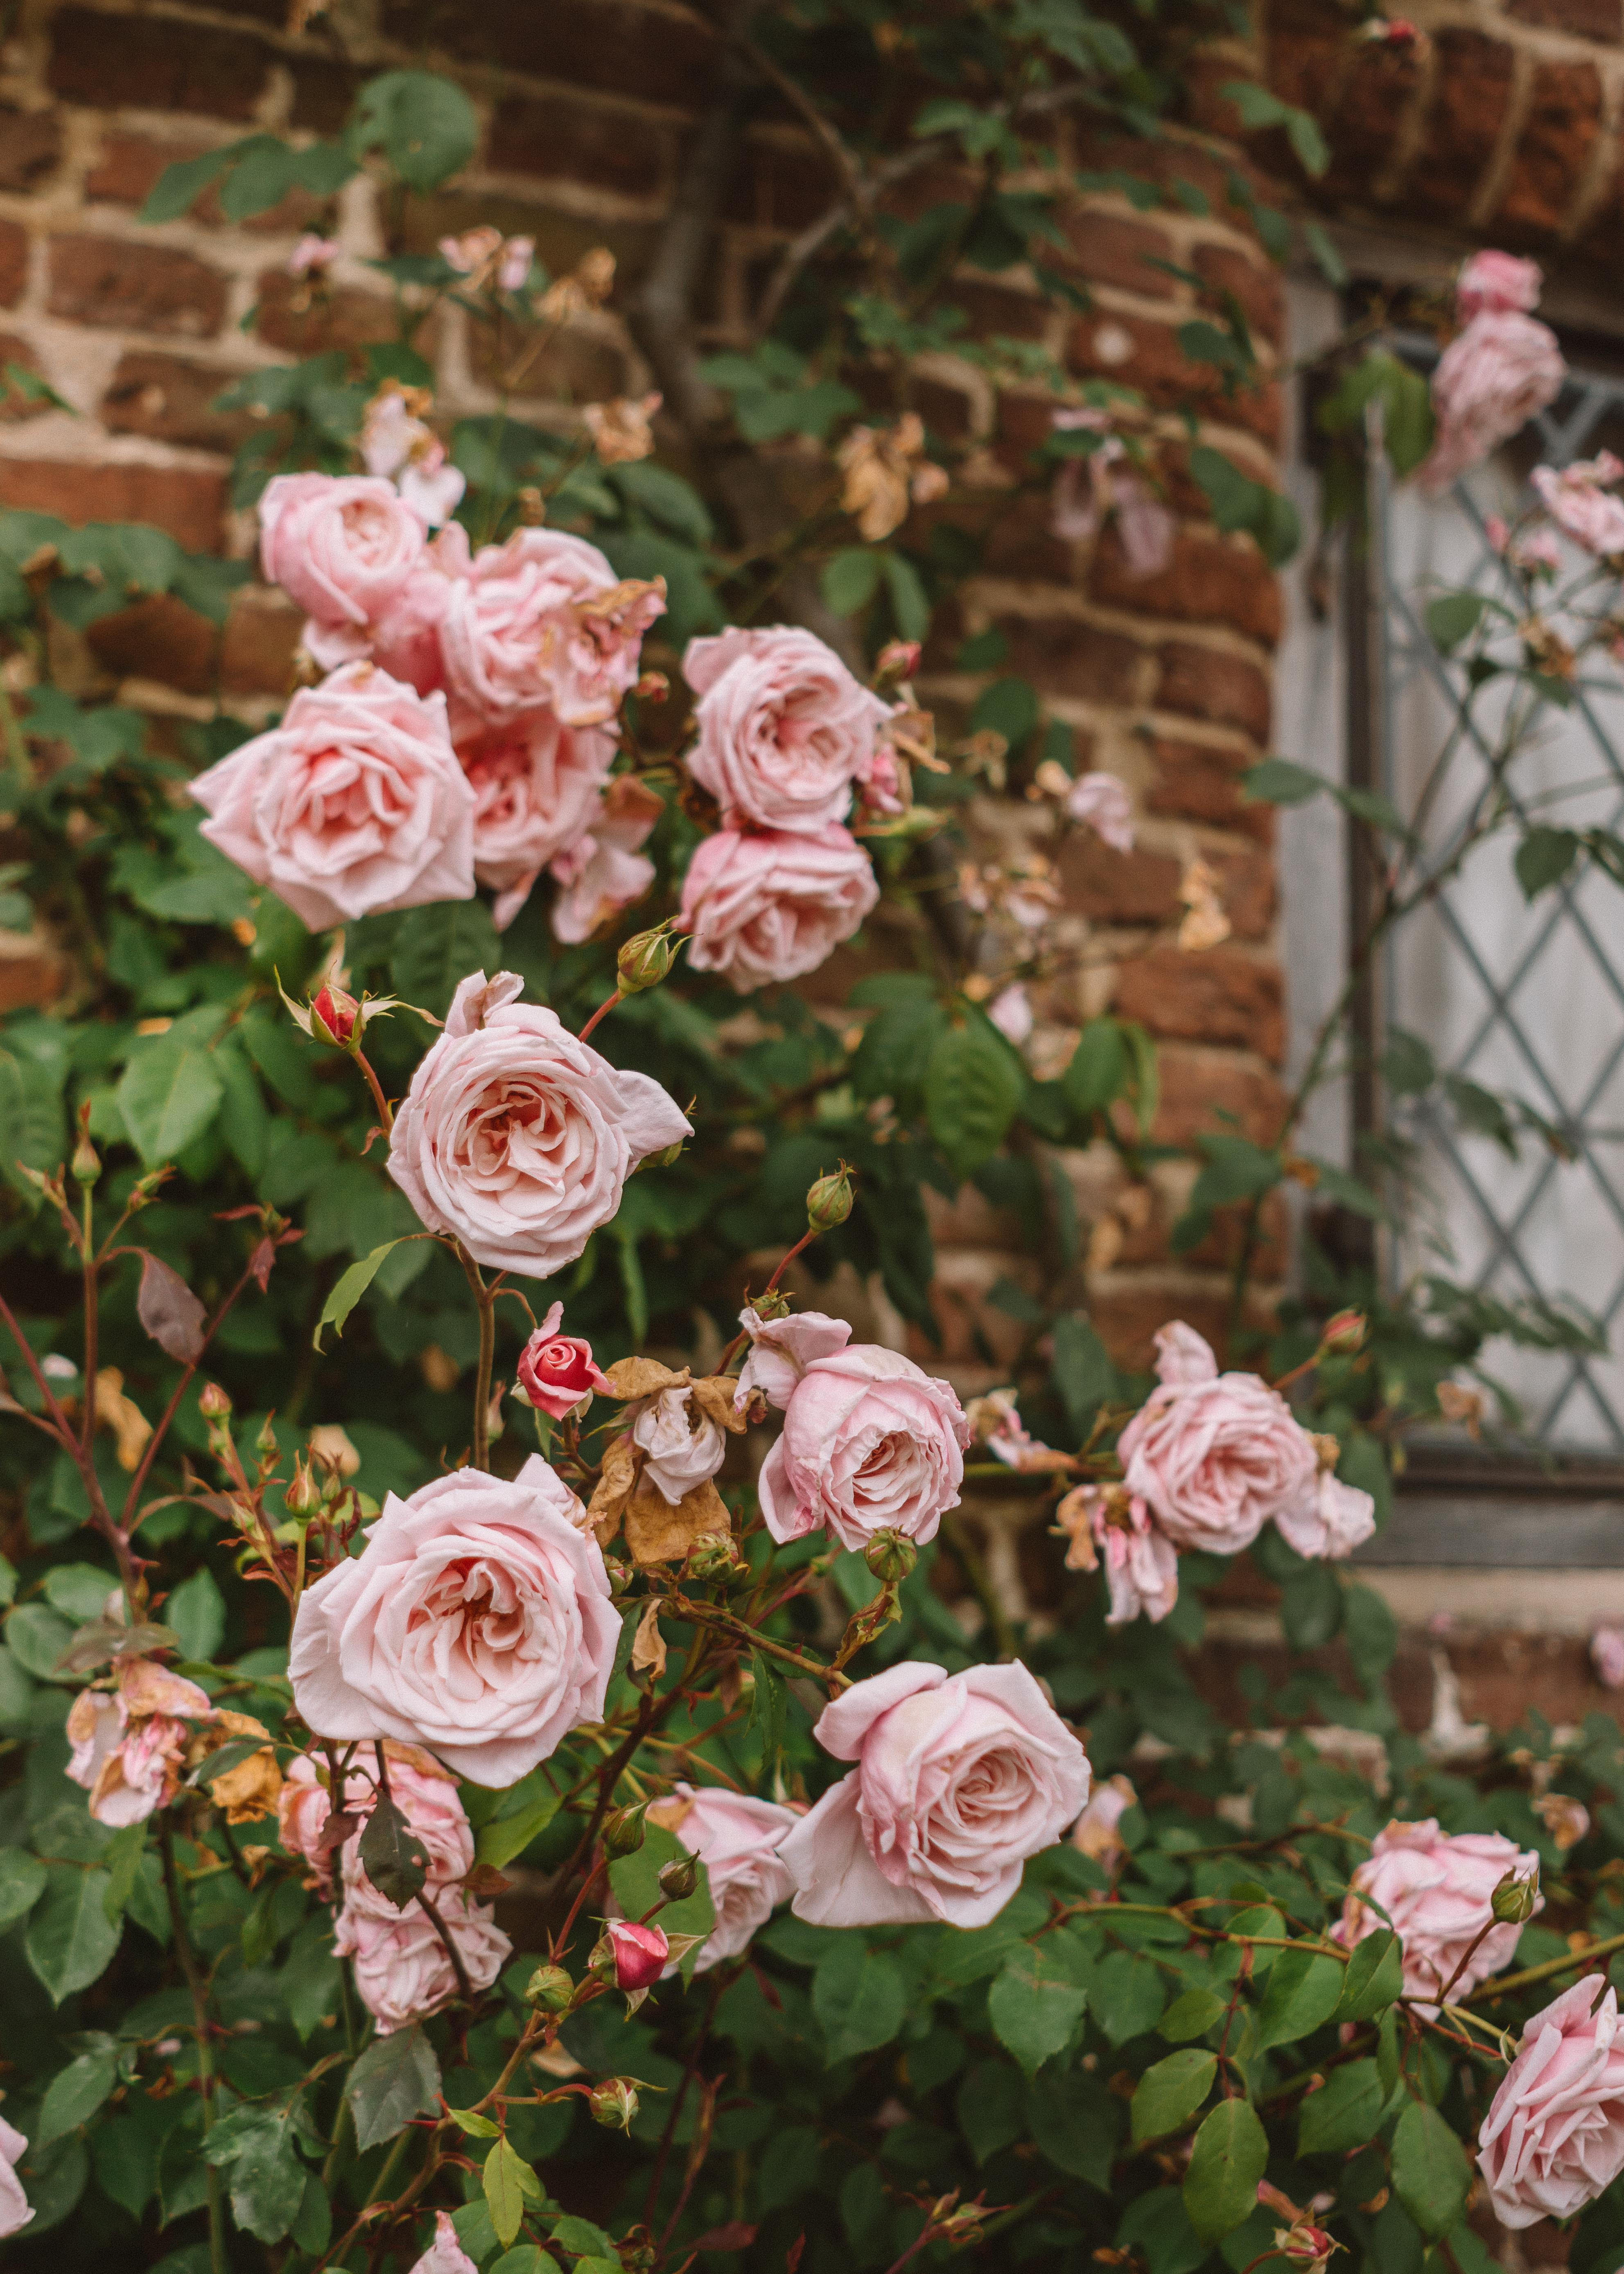 Roses climbing up Sissinghurst Castle